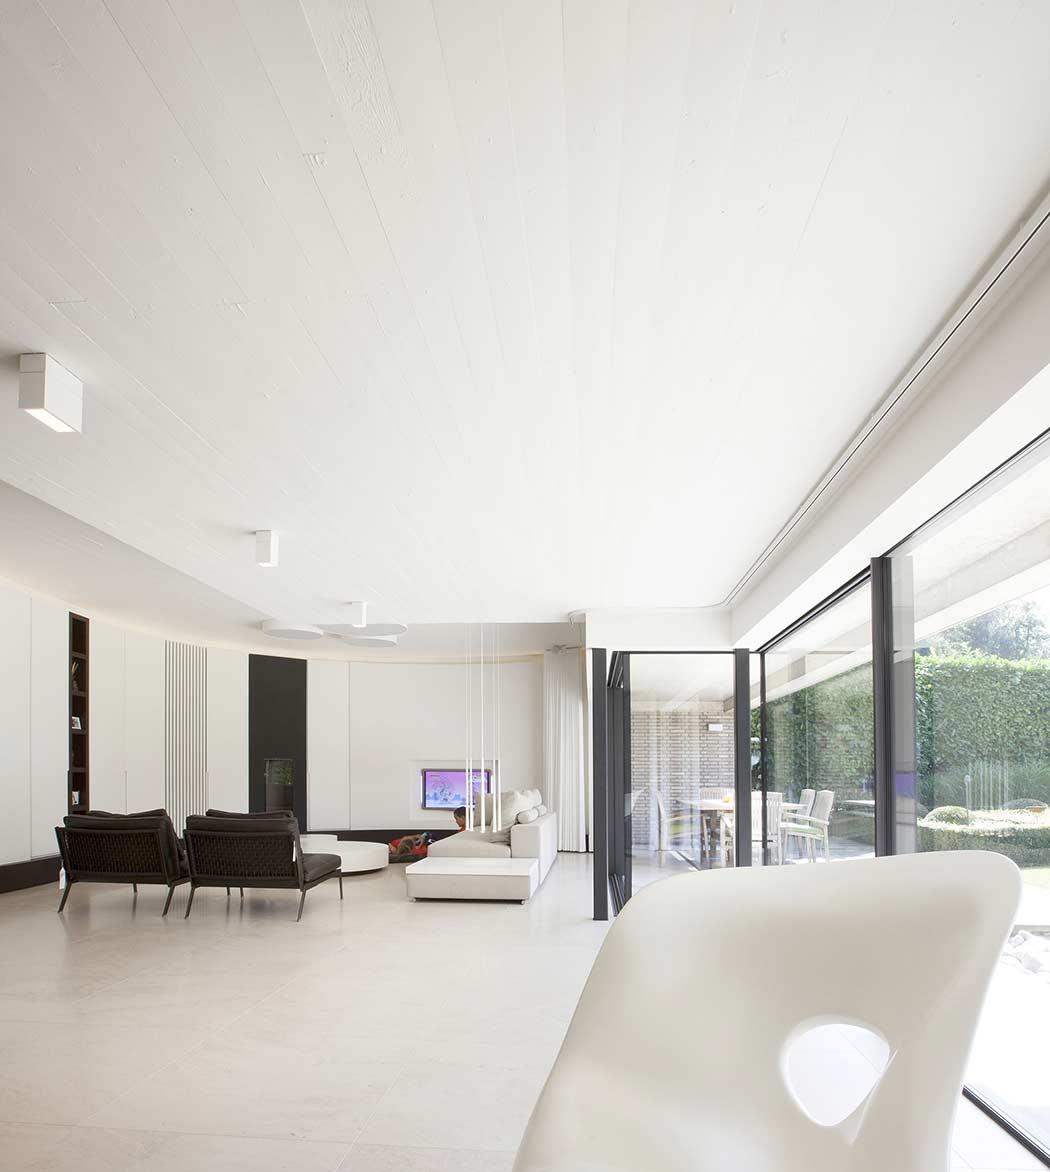 De 50 fotos de salas decoradas modernas peque as for Cursos de decoracion de interiores en montevideo